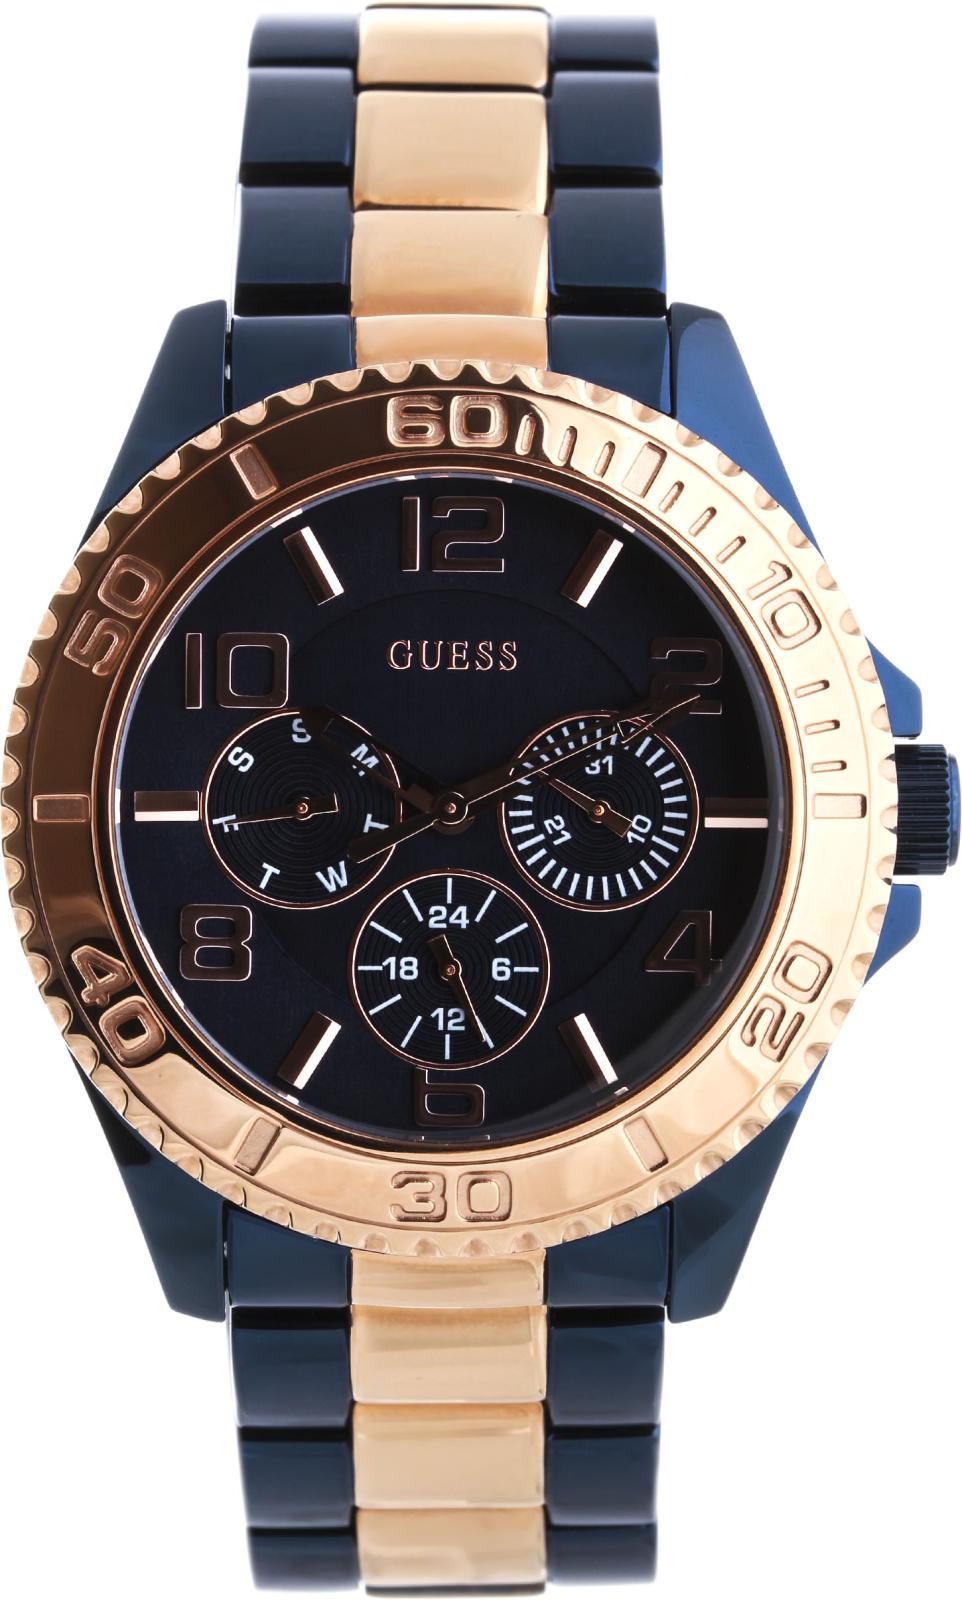 Guess BFF W0231L6Наручные часы<br>Американские часы Guess BFF W0231L6Представленная модель входит в коллекцию BFF. Это женские часы. Материал корпуса часов &amp;mdash; сталь. В этих часах используется минеральное стекло. Водозащита - 50 м. Циферблат модели содержит часы, минуты, секунды. В этих часах используются такие усложнения как дата, день недели, . Диаметр корпуса 40мм.<br><br>Пол: Женские<br>Страна-производитель: США<br>Механизм: Кварцевый<br>Материал корпуса: Сталь<br>Материал ремня/браслета: Сталь<br>Водозащита, диапазон: 20 - 100 м<br>Стекло: Минеральное<br>Толщина корпуса: 12 мм<br>Стиль: Классика